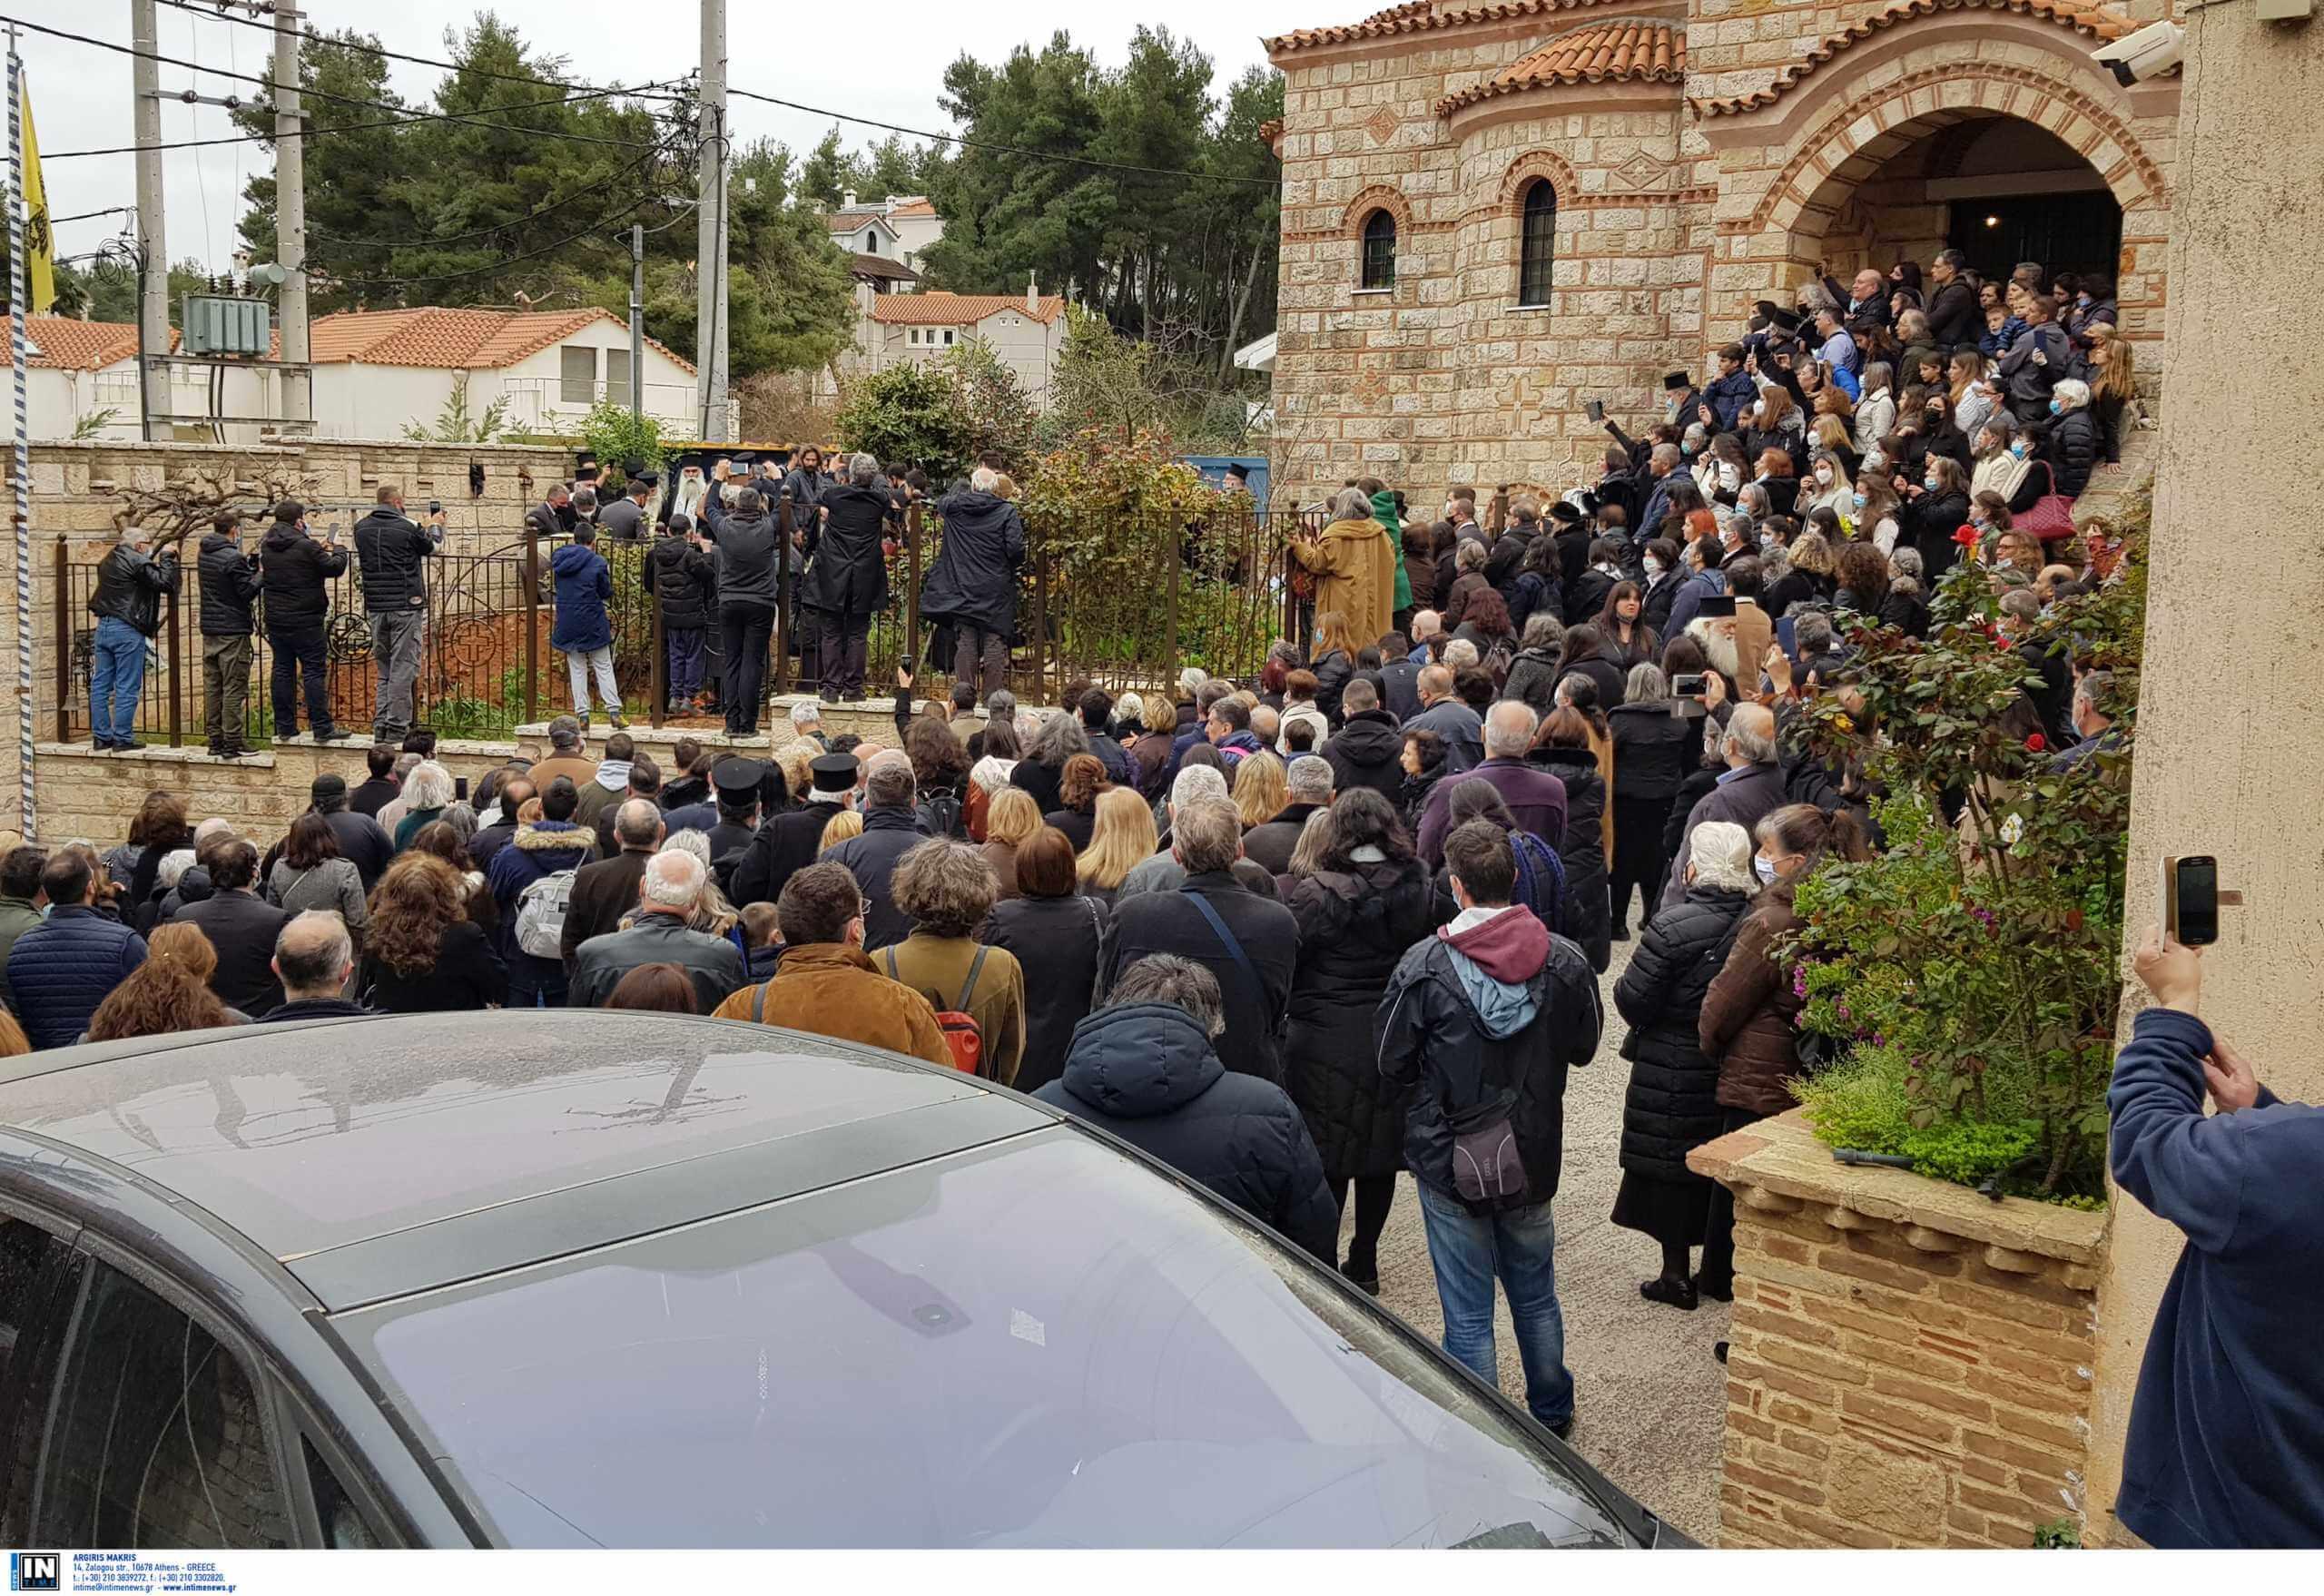 Απίστευτος συνωστισμός σε κηδεία Αρχιμανδρίτη στον Άγιο Στέφανο